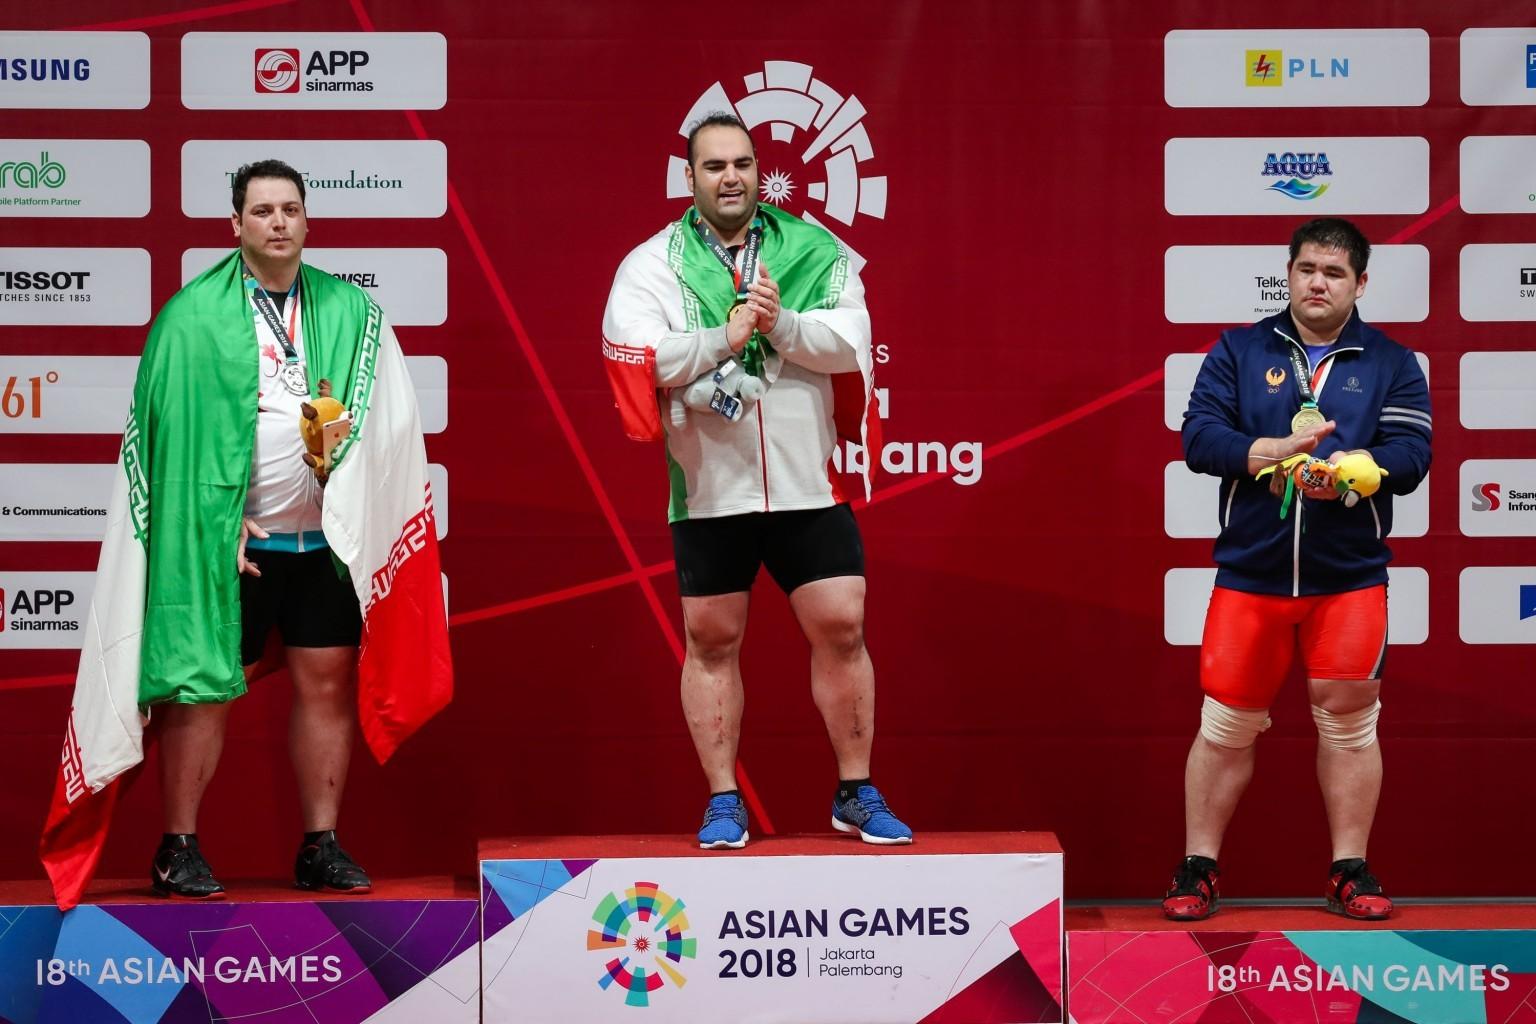 بهداد سلیمی قهرمان بازیهای آسیایی شد و خداحافظی کرد